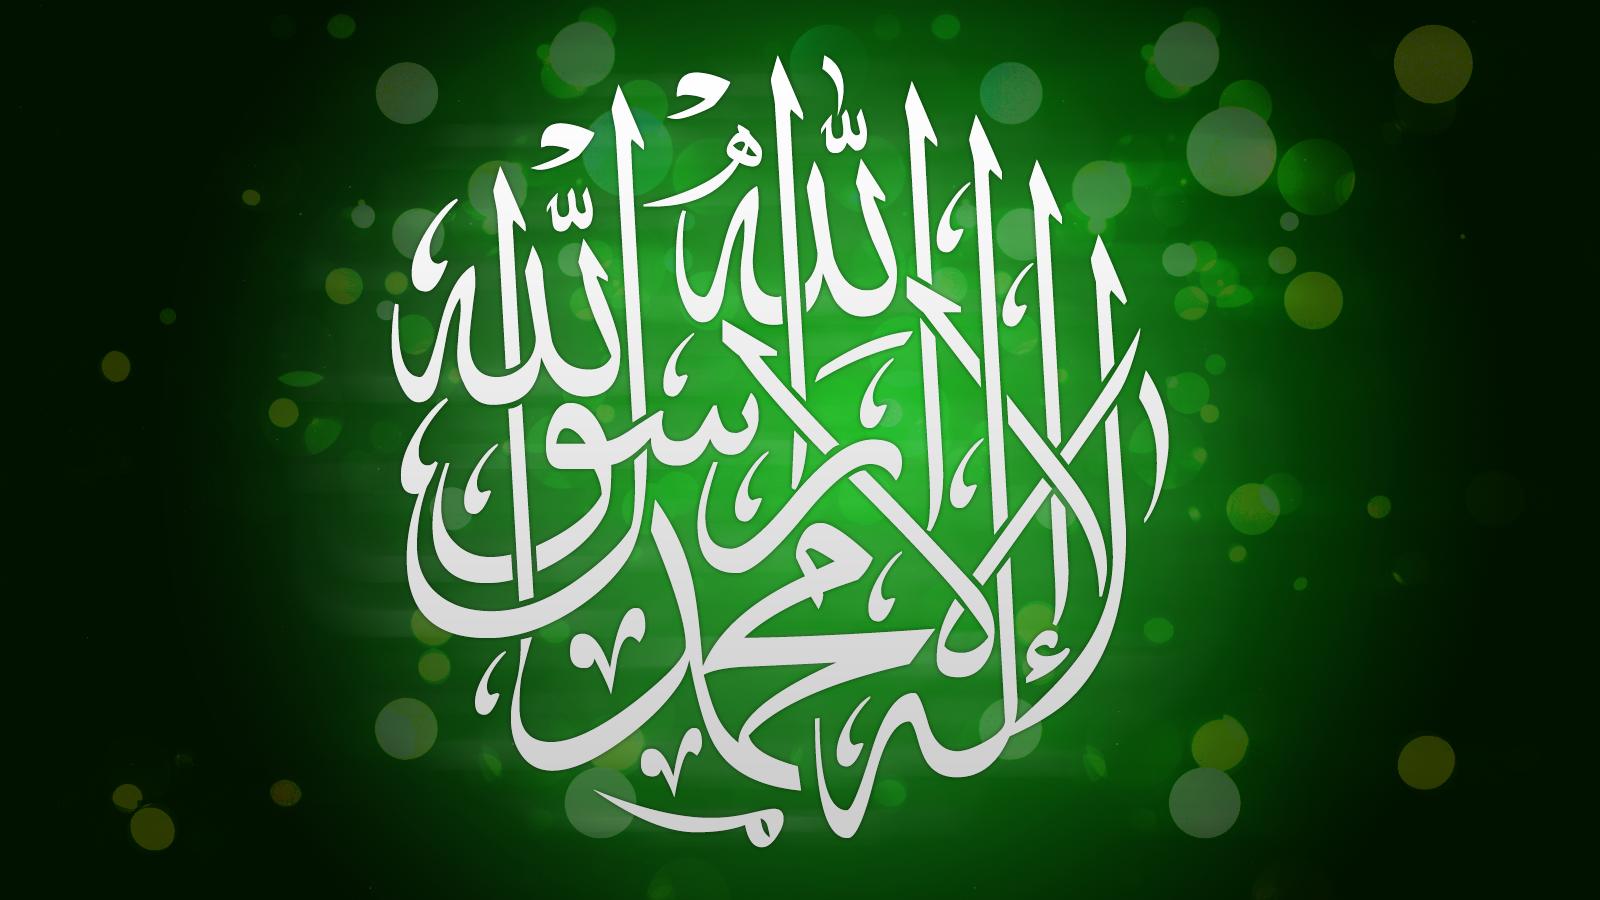 Islamic calligraphy wallpaper hd wallpapersafari